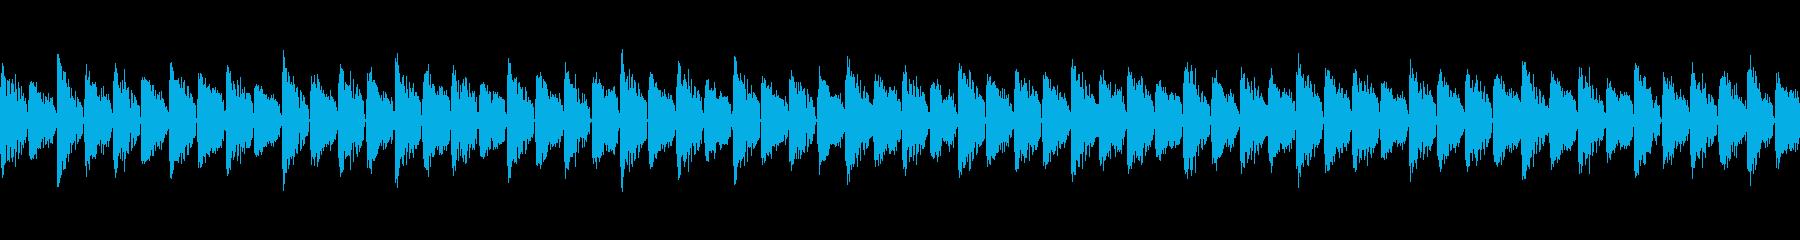 音が突き抜けるスクエアシーケンスループの再生済みの波形